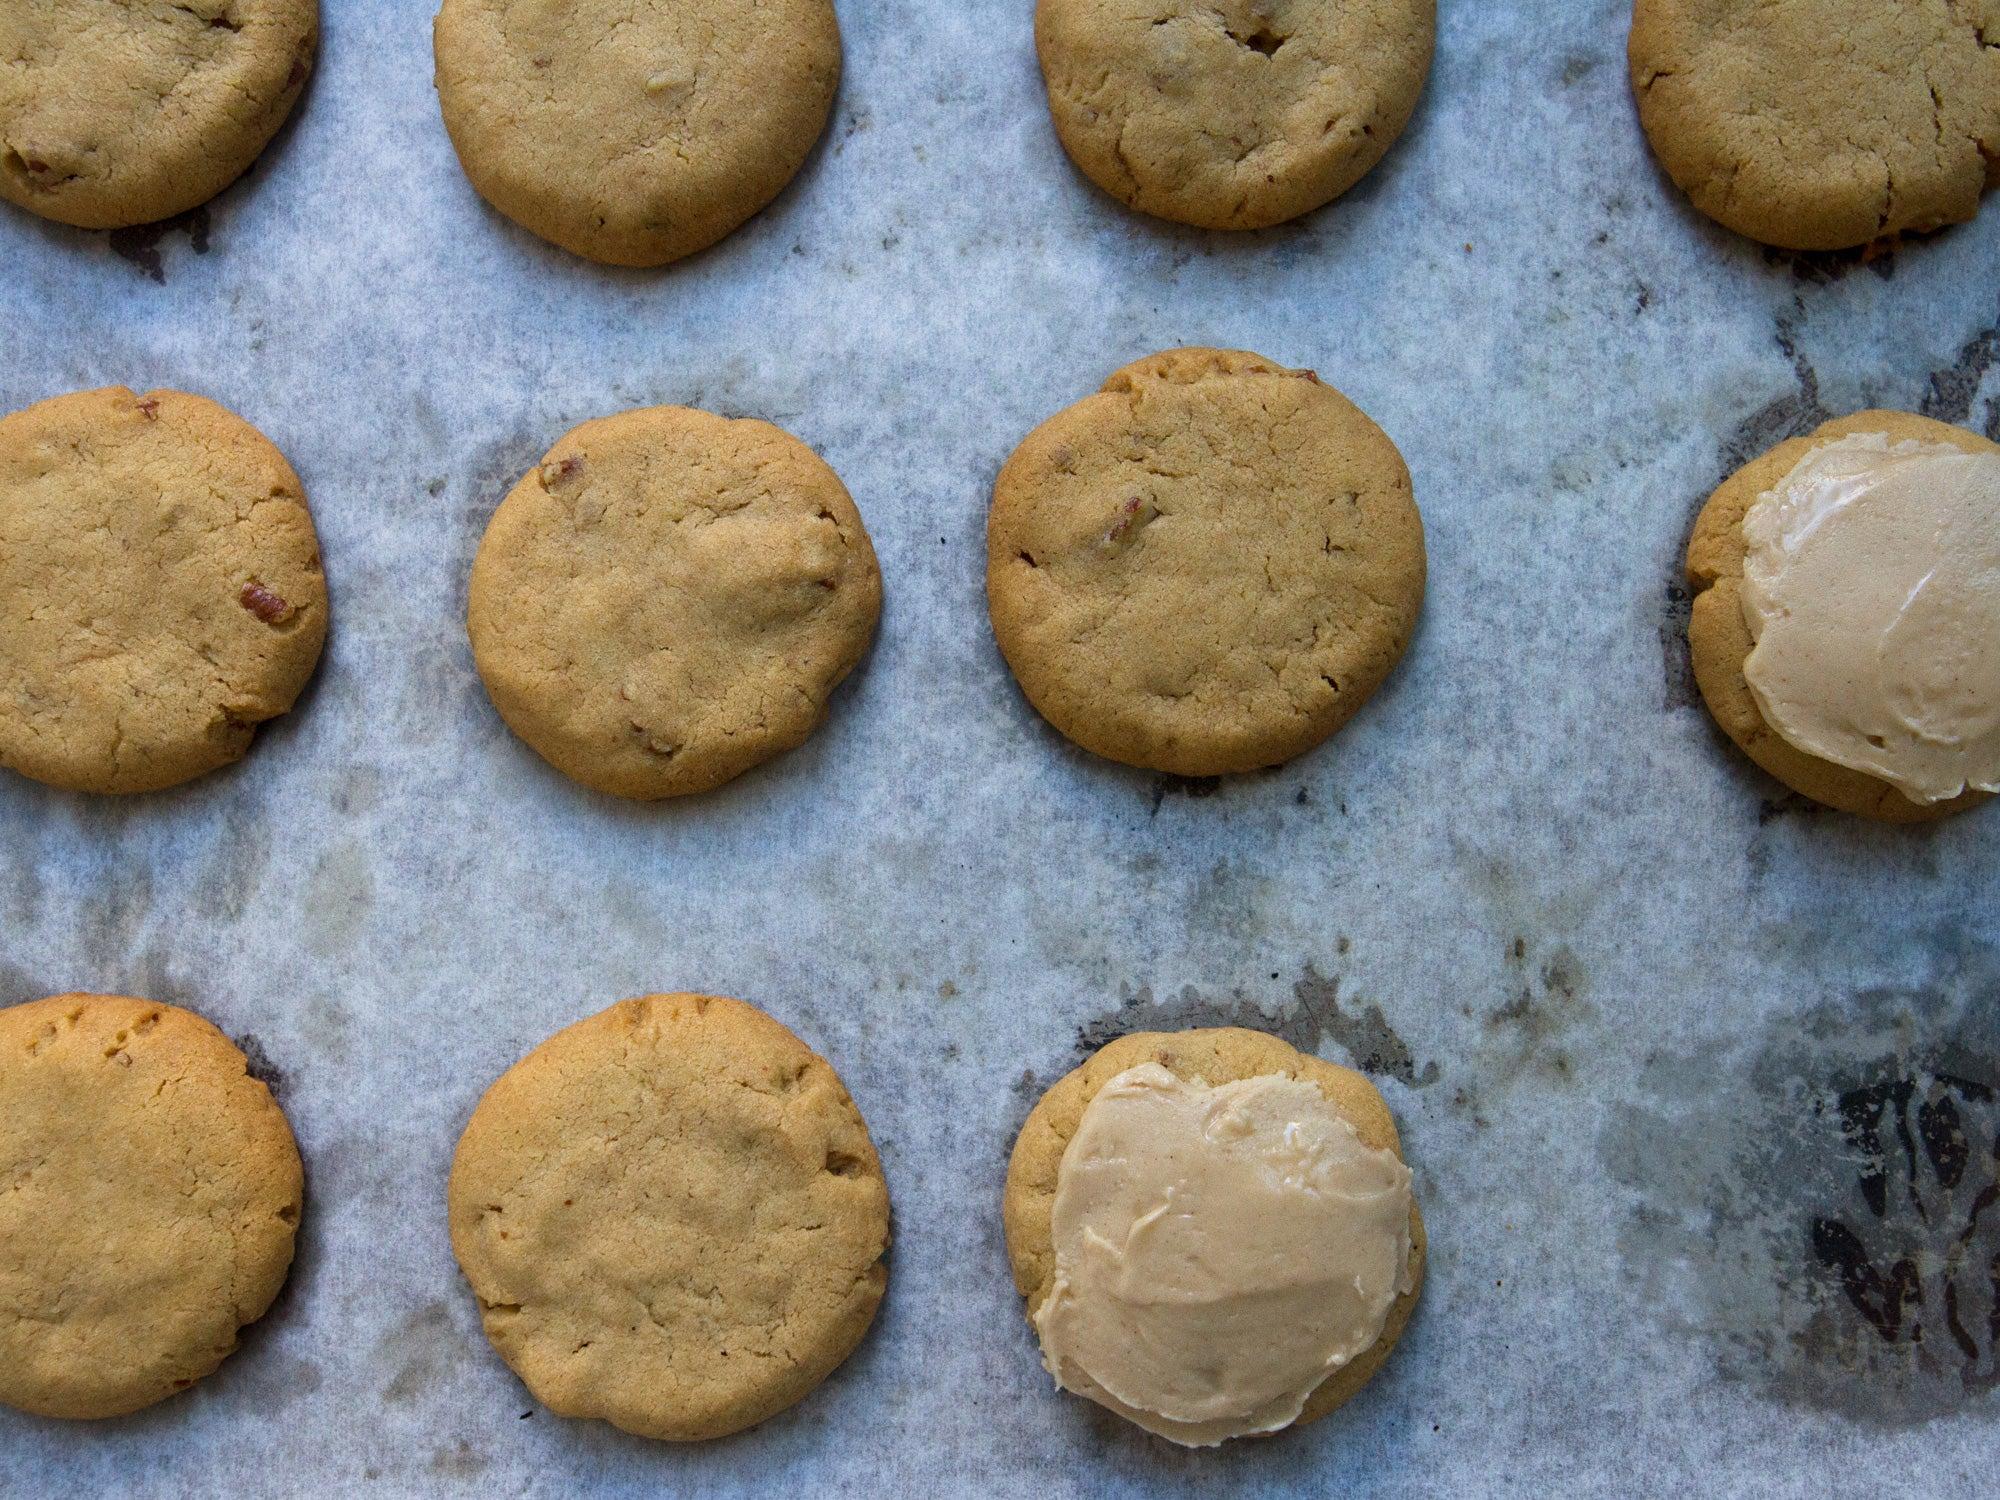 Turtleback Cookies